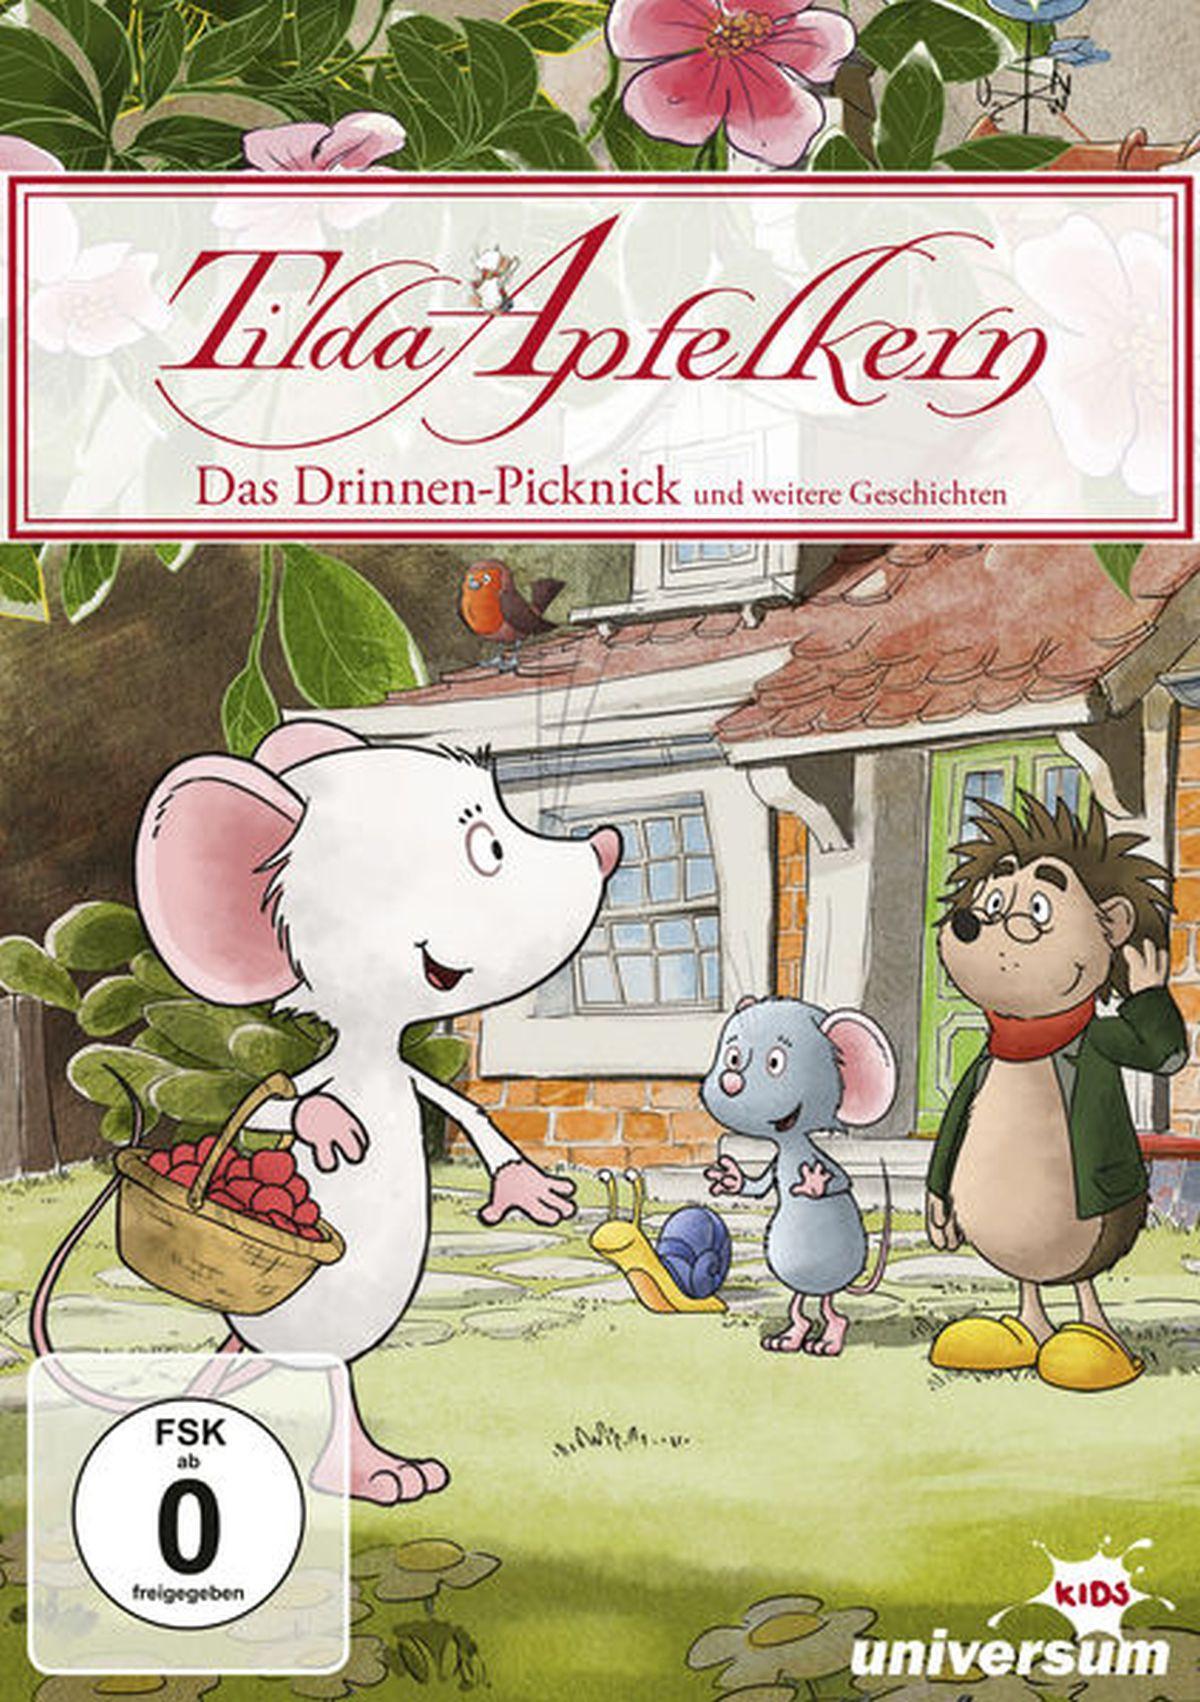 Tilda Apfelkern - DVD 1: Das Drinnen-Picknick